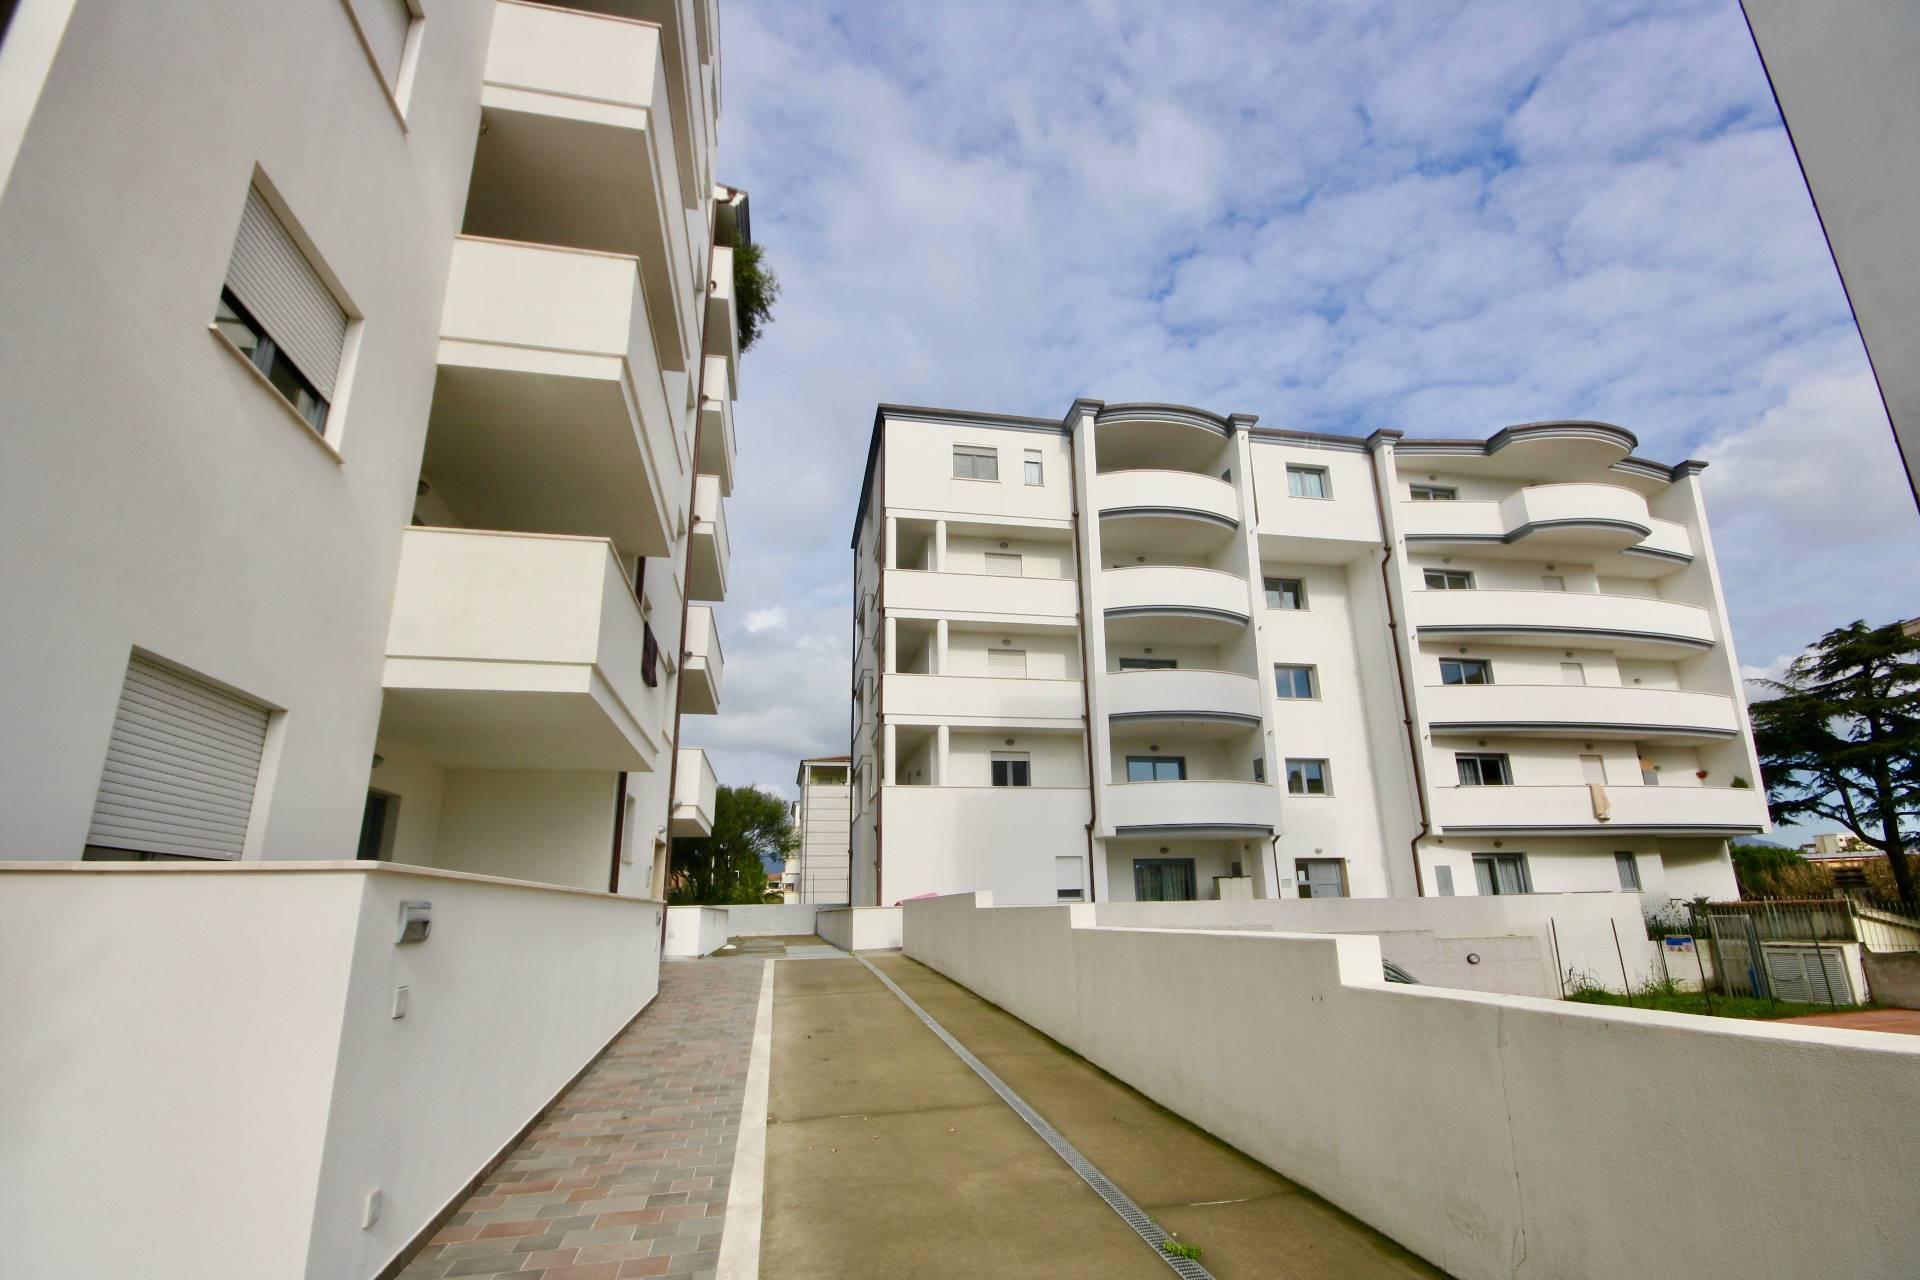 Appartamento in vendita a Olbia - Porto Rotondo, 4 locali, zona Località: Olbiacittà, prezzo € 205.000 | CambioCasa.it